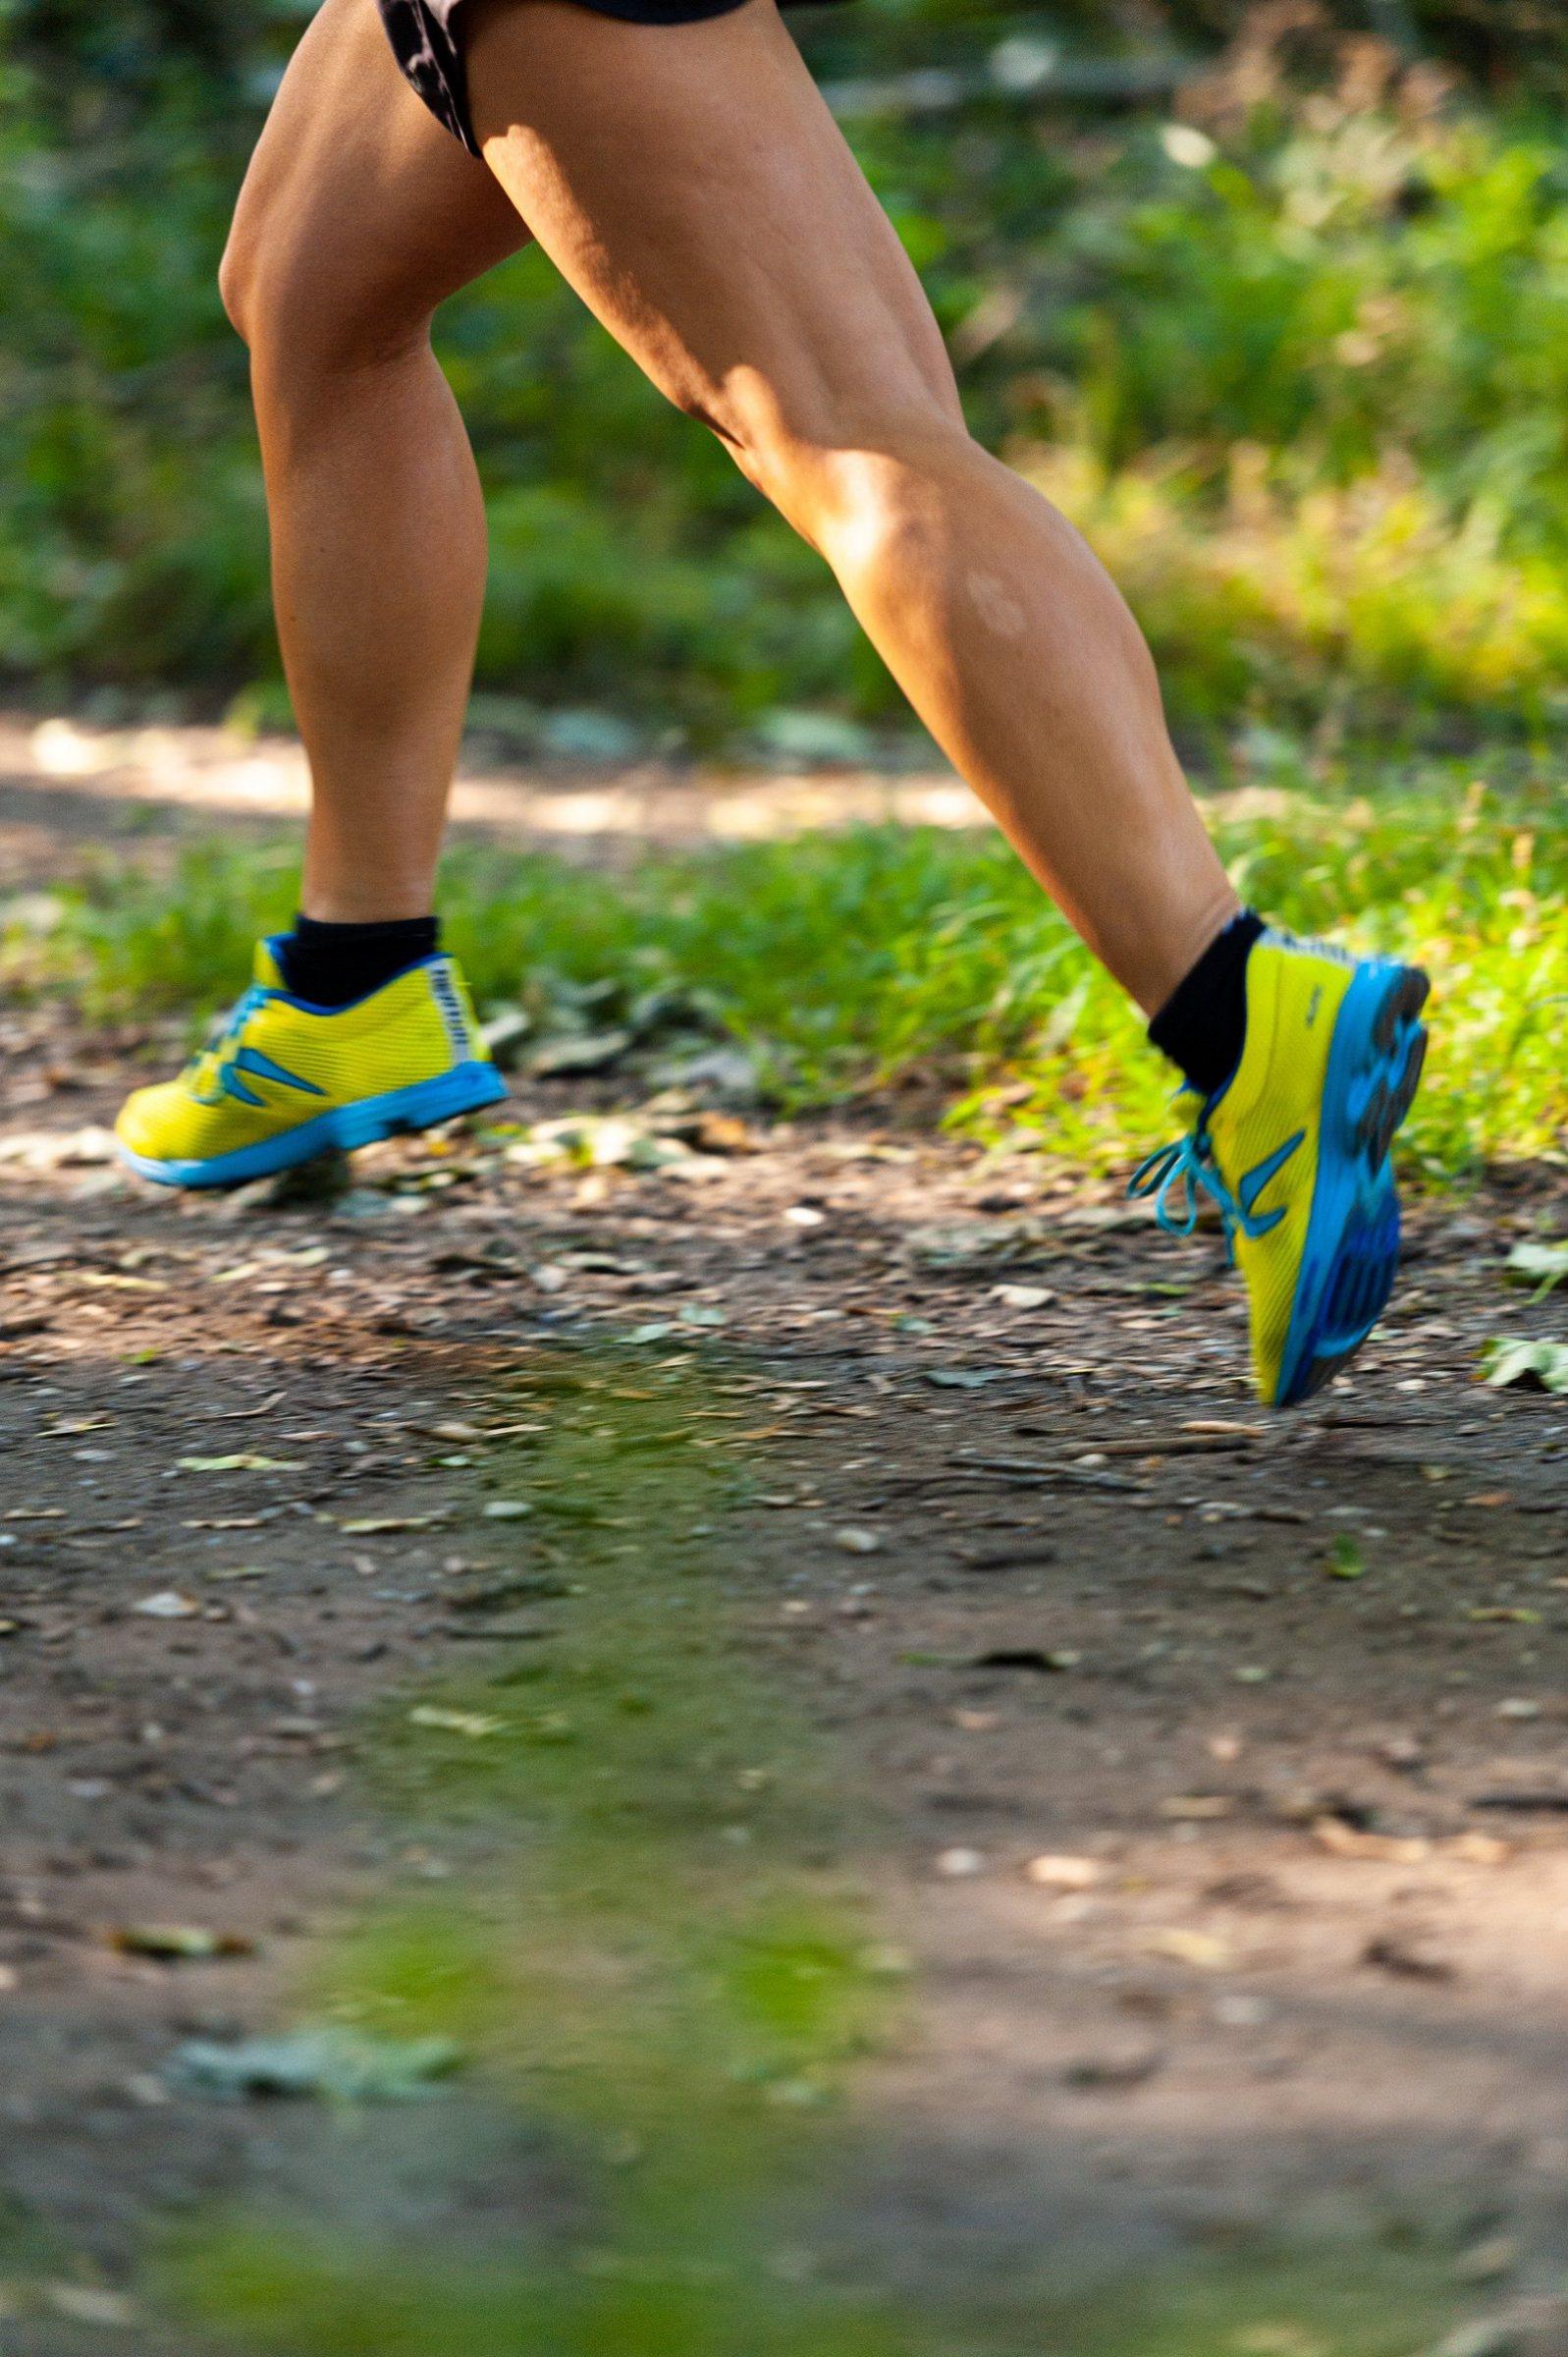 7 häufige Anfängerfehler beim Lauftraining